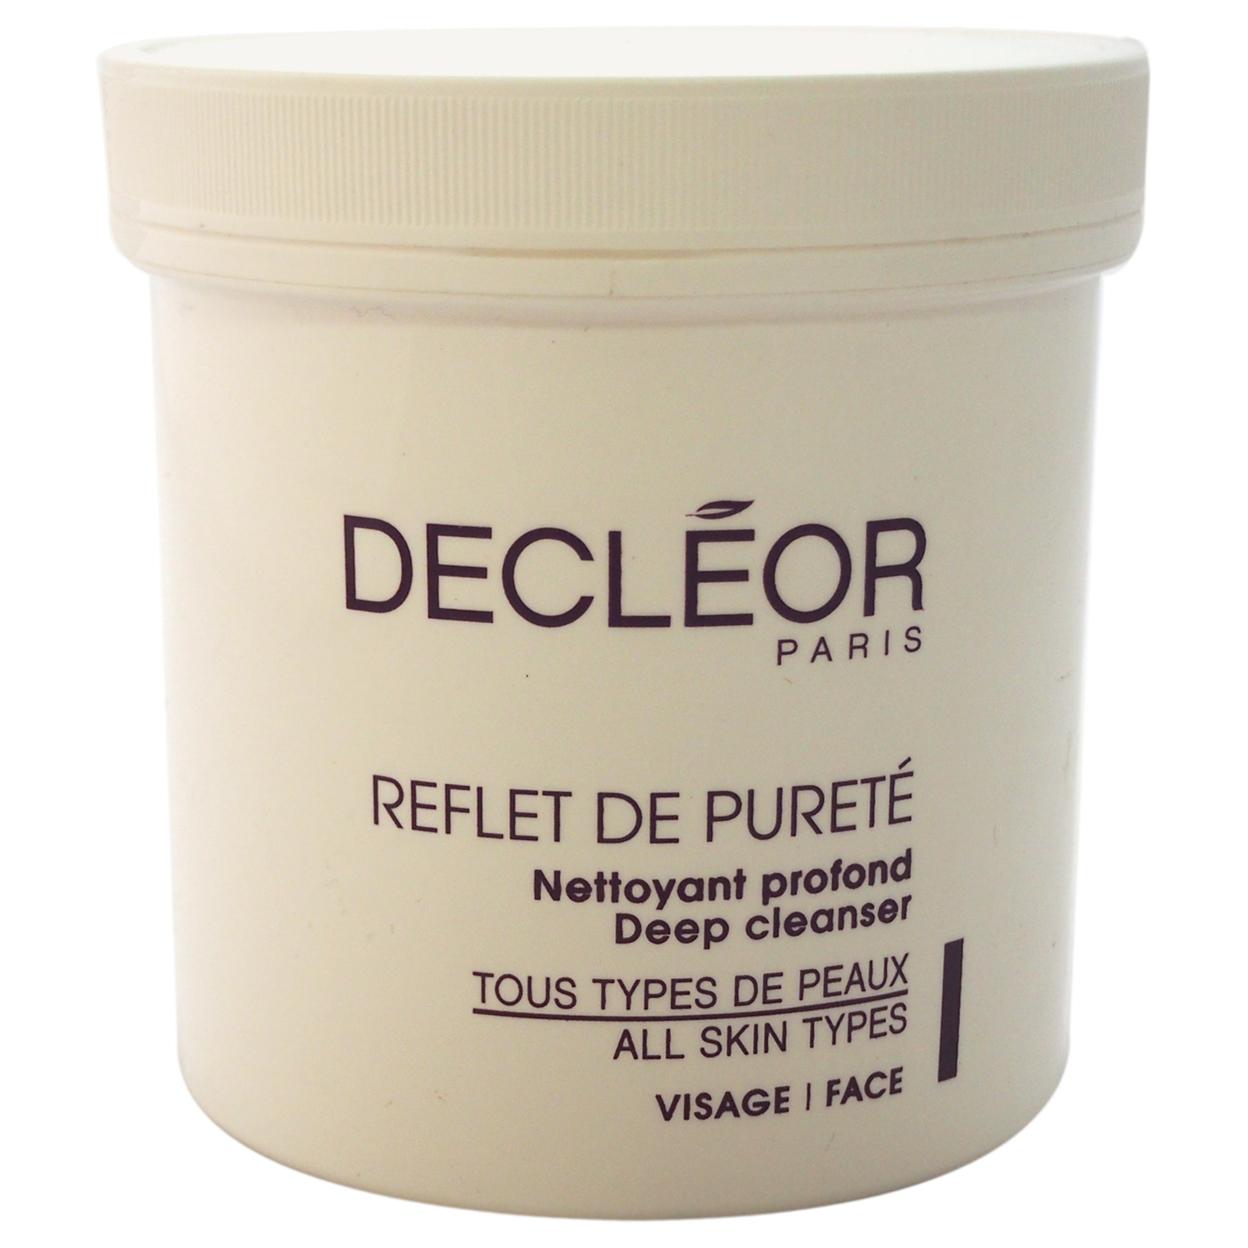 Deep Cleanser by Decleor for Unisex - 16.9 oz Cleanser (Salon Size) 5970d8062a00e41ab41d7c7d